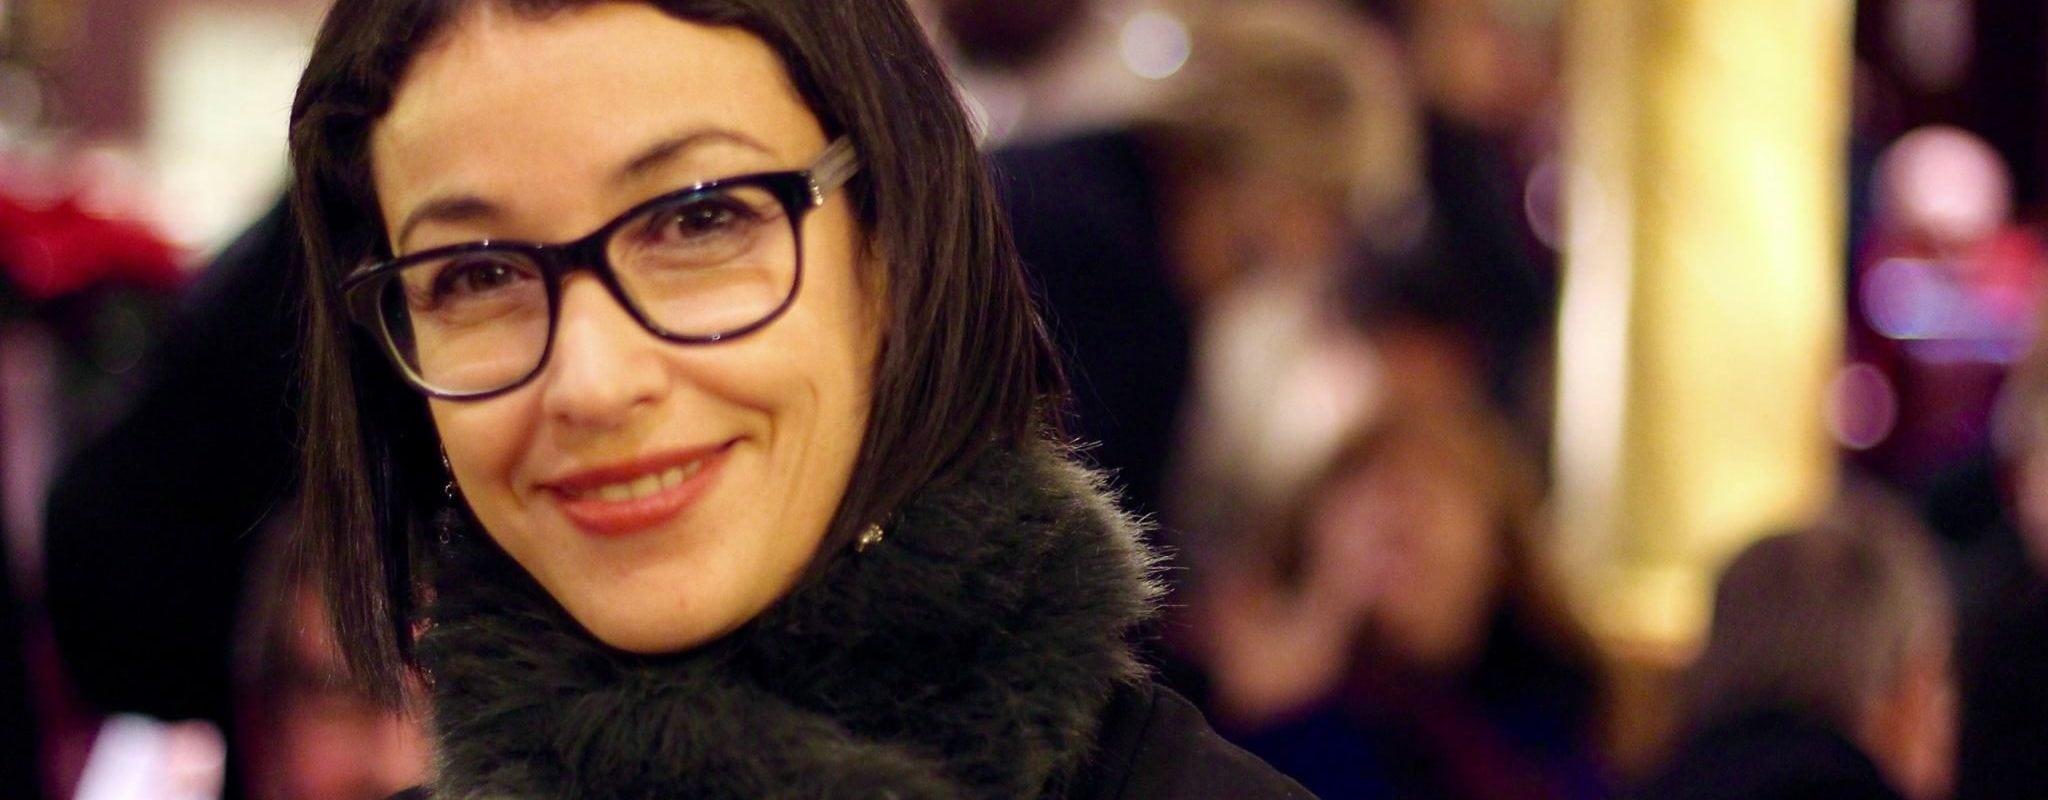 Lilla Merabet accusée d'avoir favorisé la start-up de son compagnon